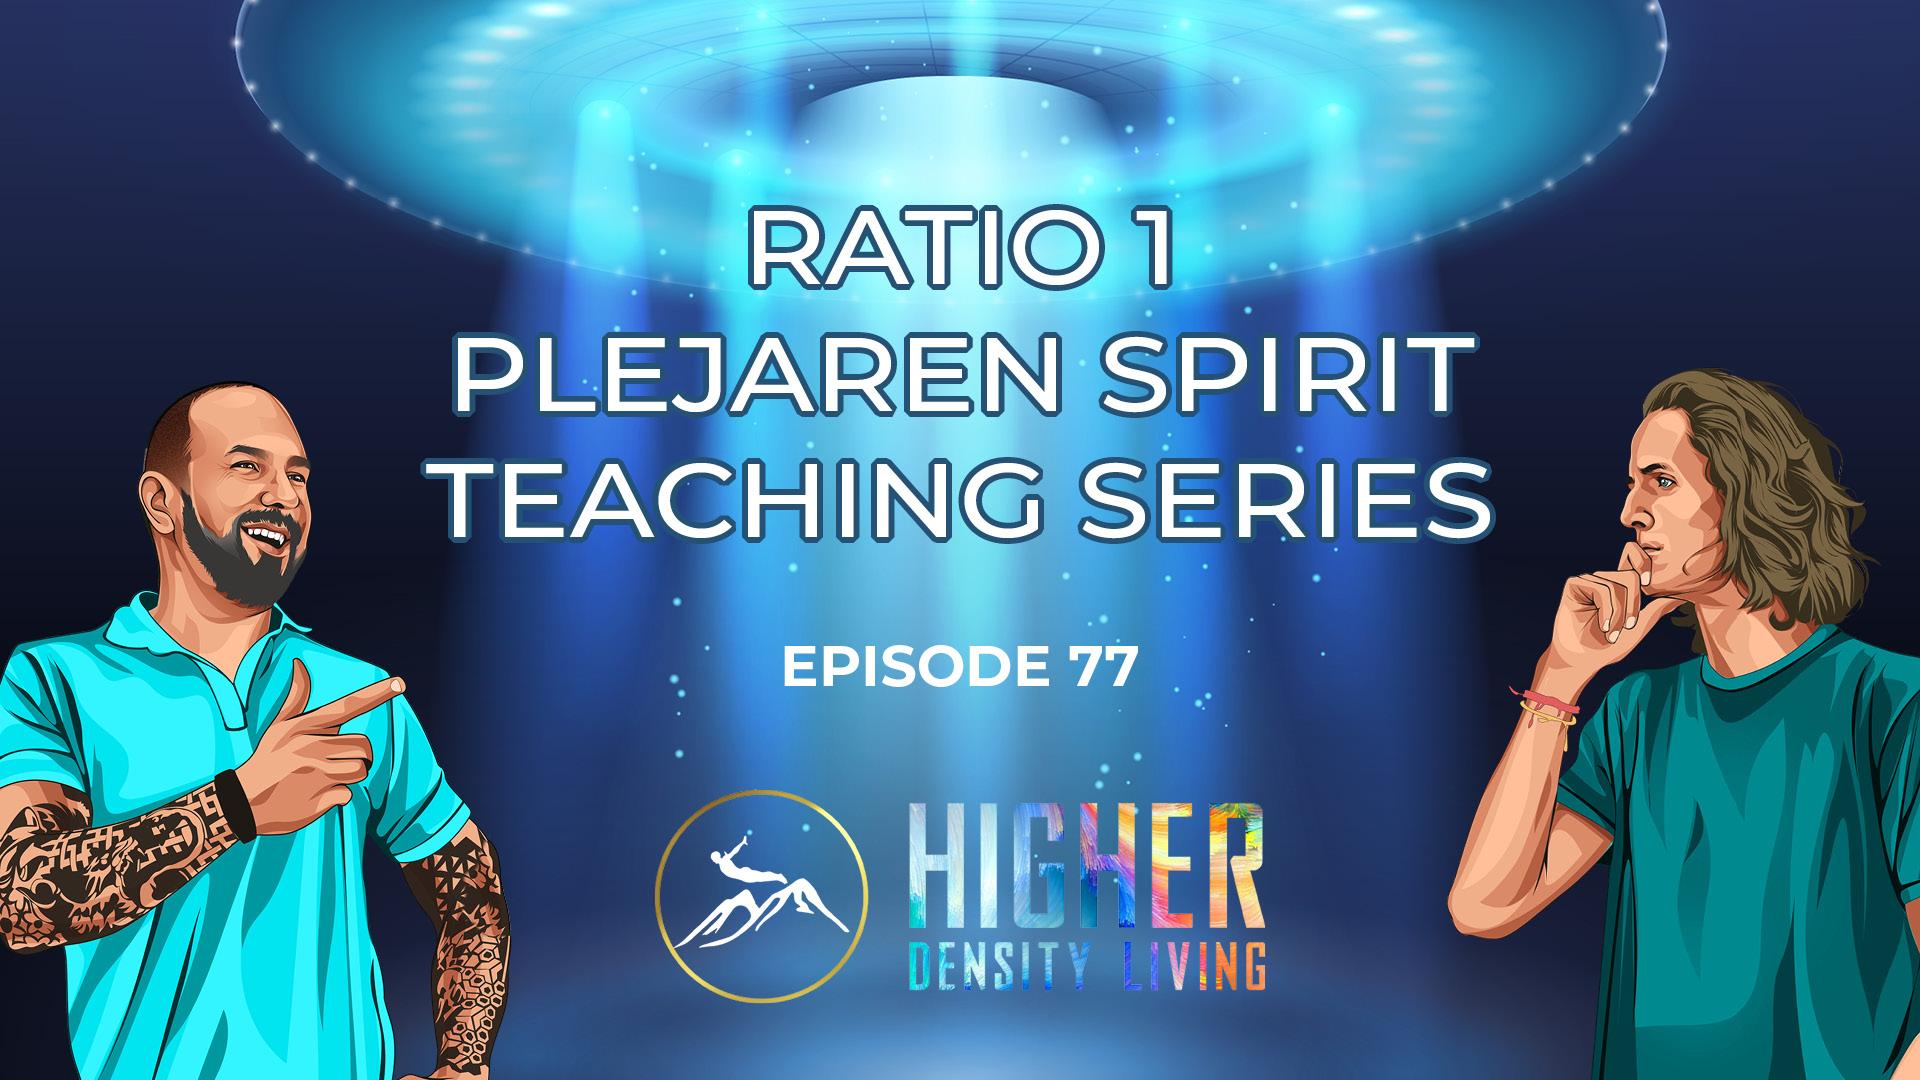 Ratio 1 - Plejaren Spirit Teaching Series